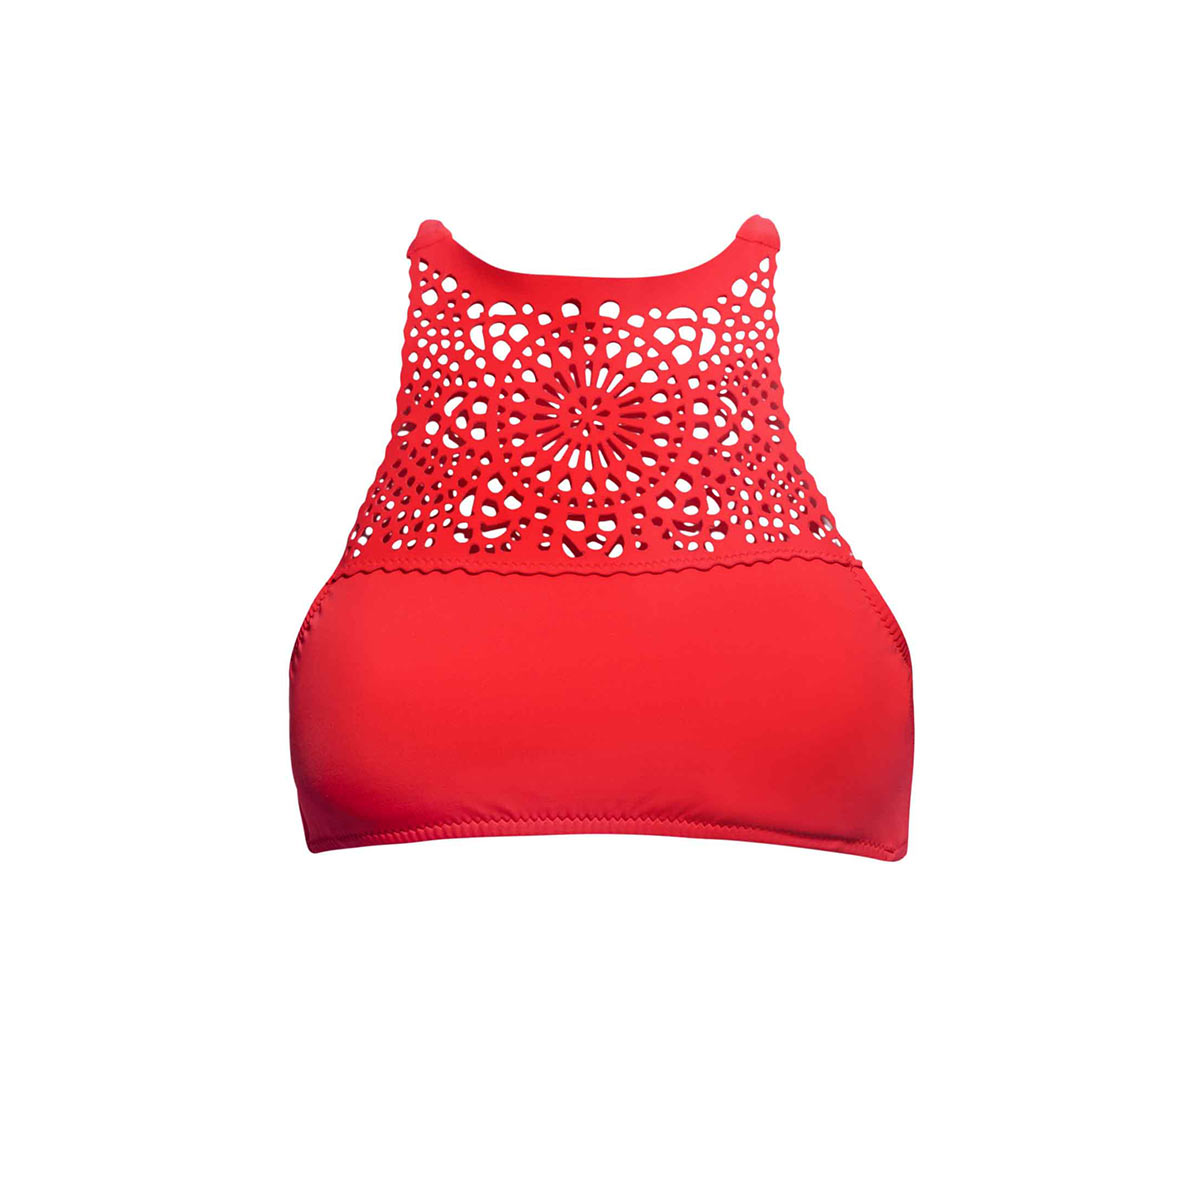 bou e 2 coeurs rouge gonflable parfait pour les couples ou bff. Black Bedroom Furniture Sets. Home Design Ideas